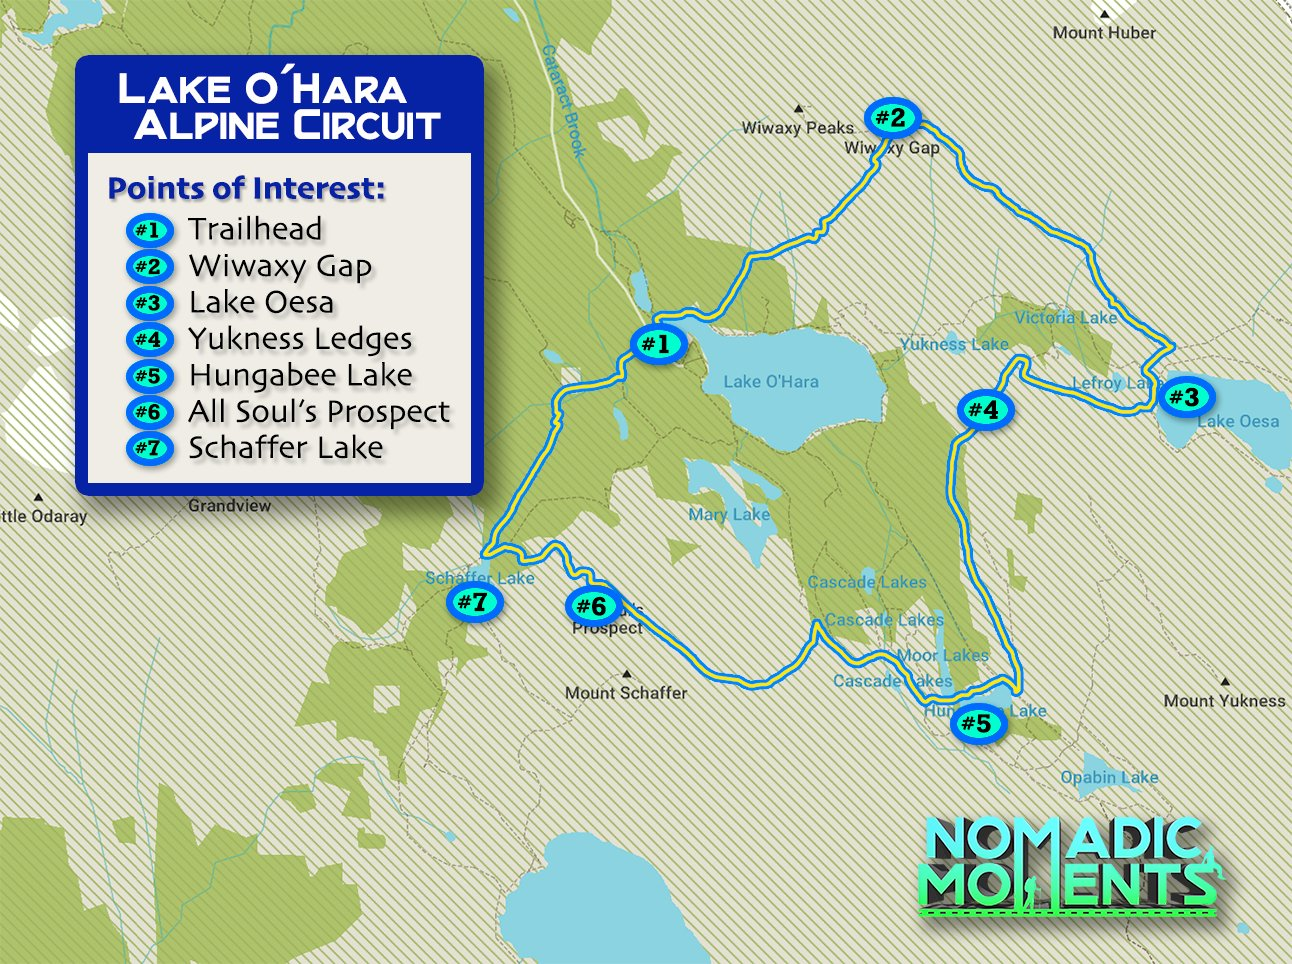 Lake O'Hara Alpine Circuit Map